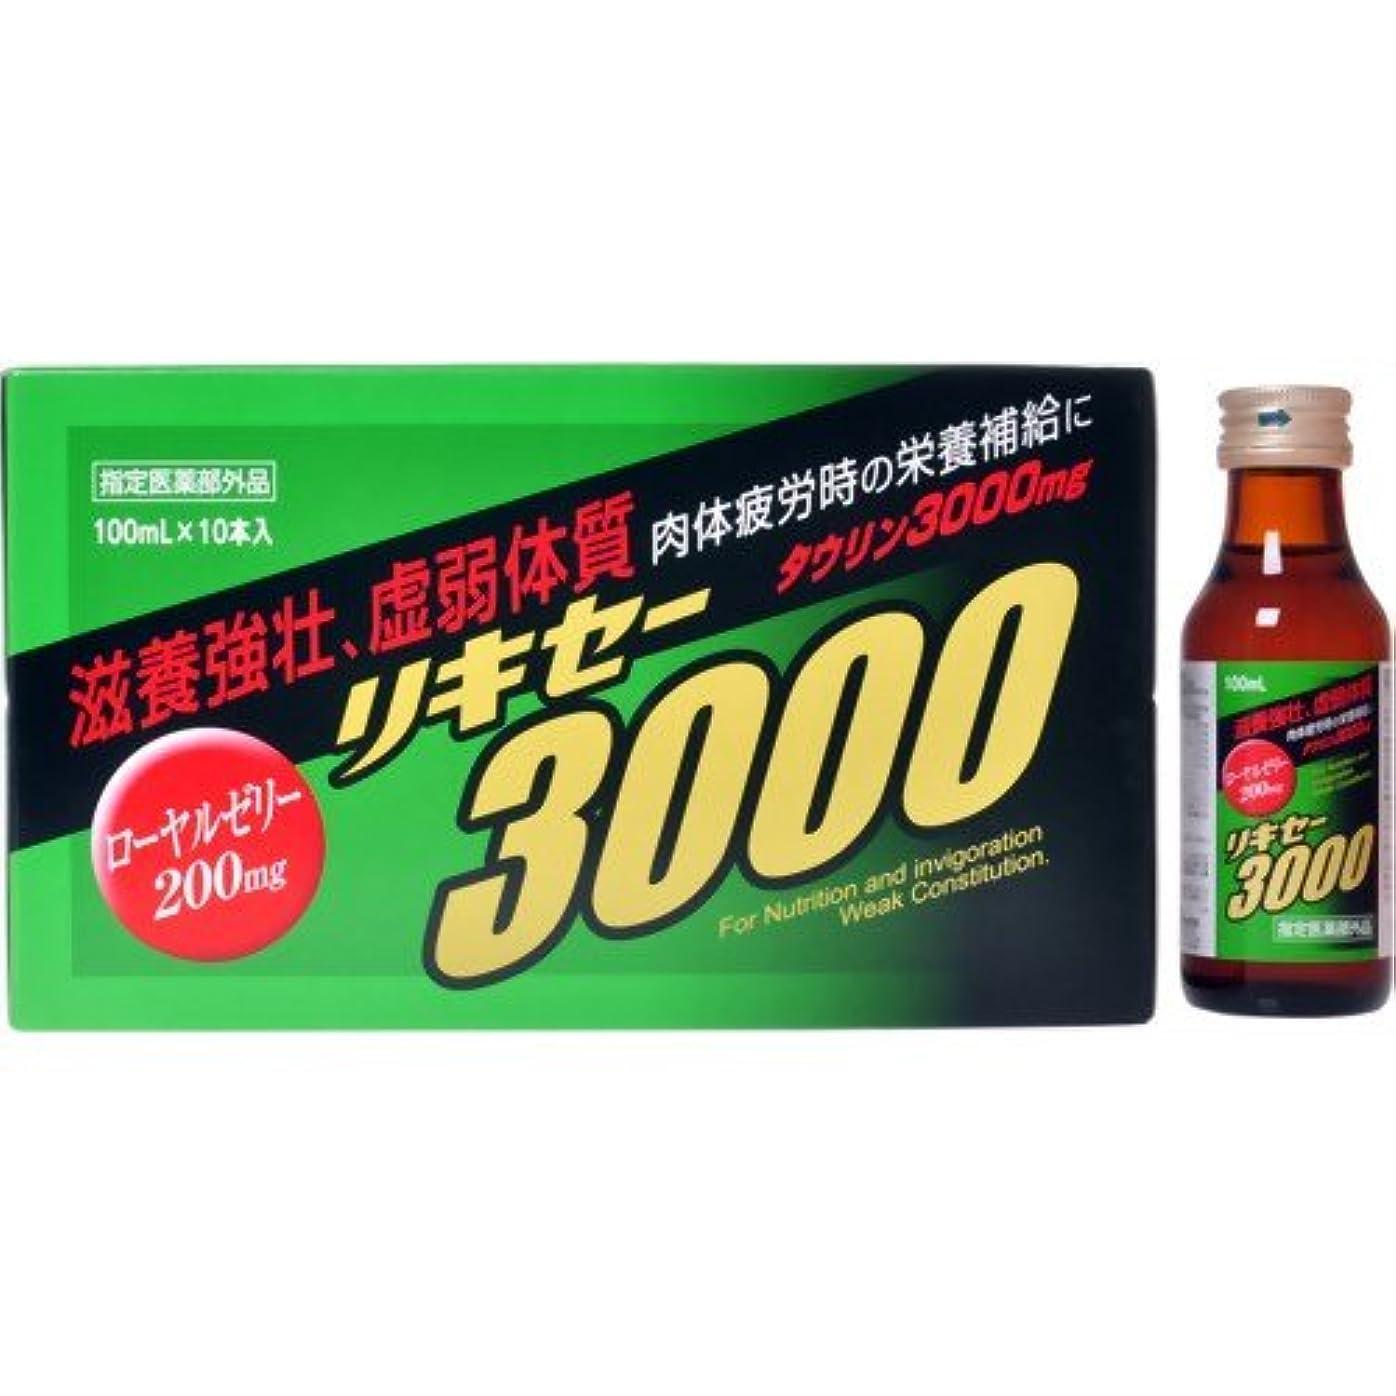 要求ベットファンネルウェブスパイダー田村 リキセー3000 100mlx10本 [指定医薬部外品]